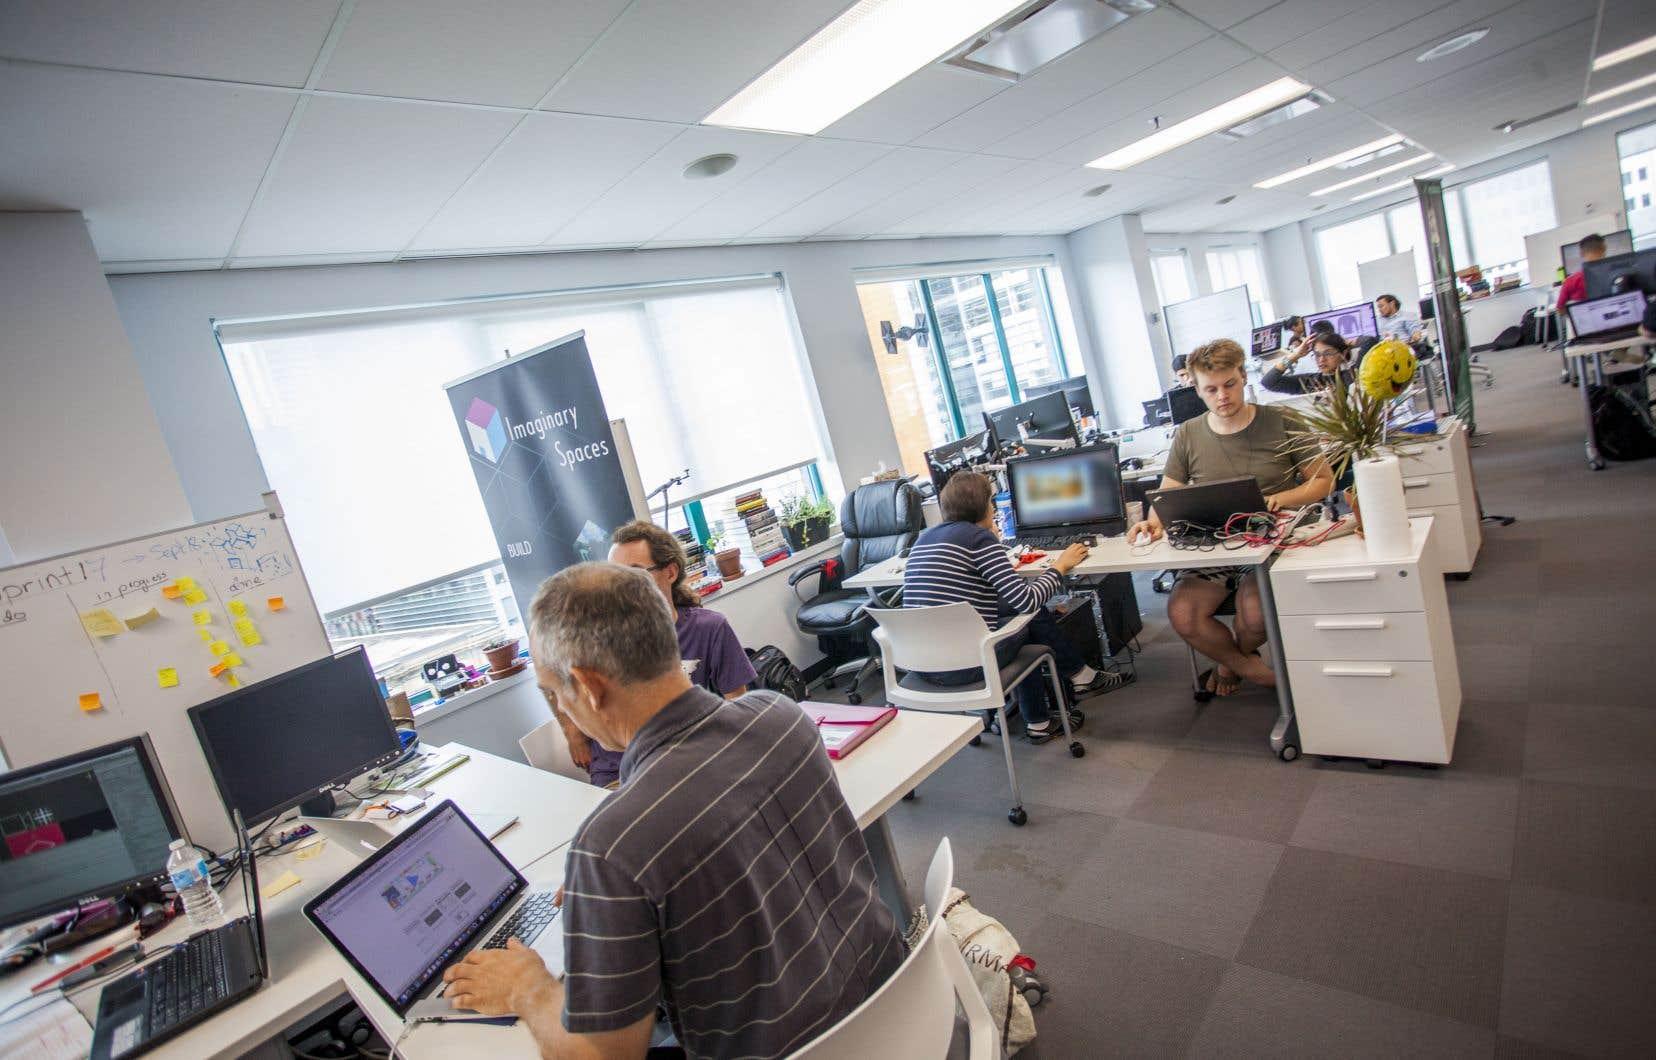 Le Centre d'innovation et d'entrepreneuriat Disctrict 3 de Concordia, un incubateur récompensé en 2016 du prix Start-up Canada du soutien à l'entrepreneuriat pour le Québec.